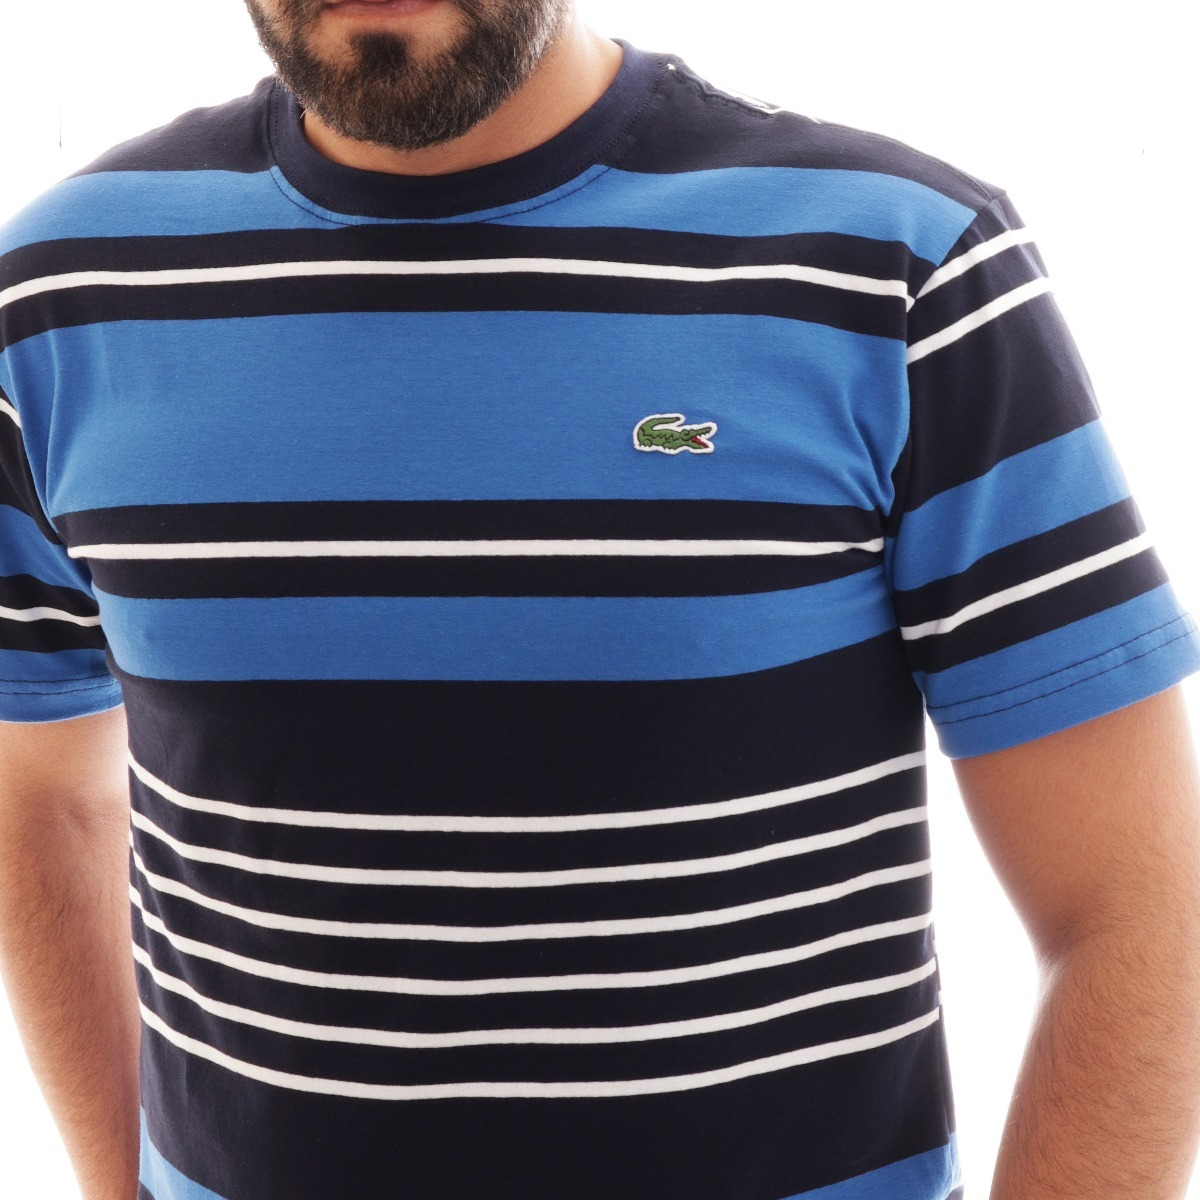 camisa camiseta lacoste listrada masc azul preta original. Carregando zoom. 10c02e4137